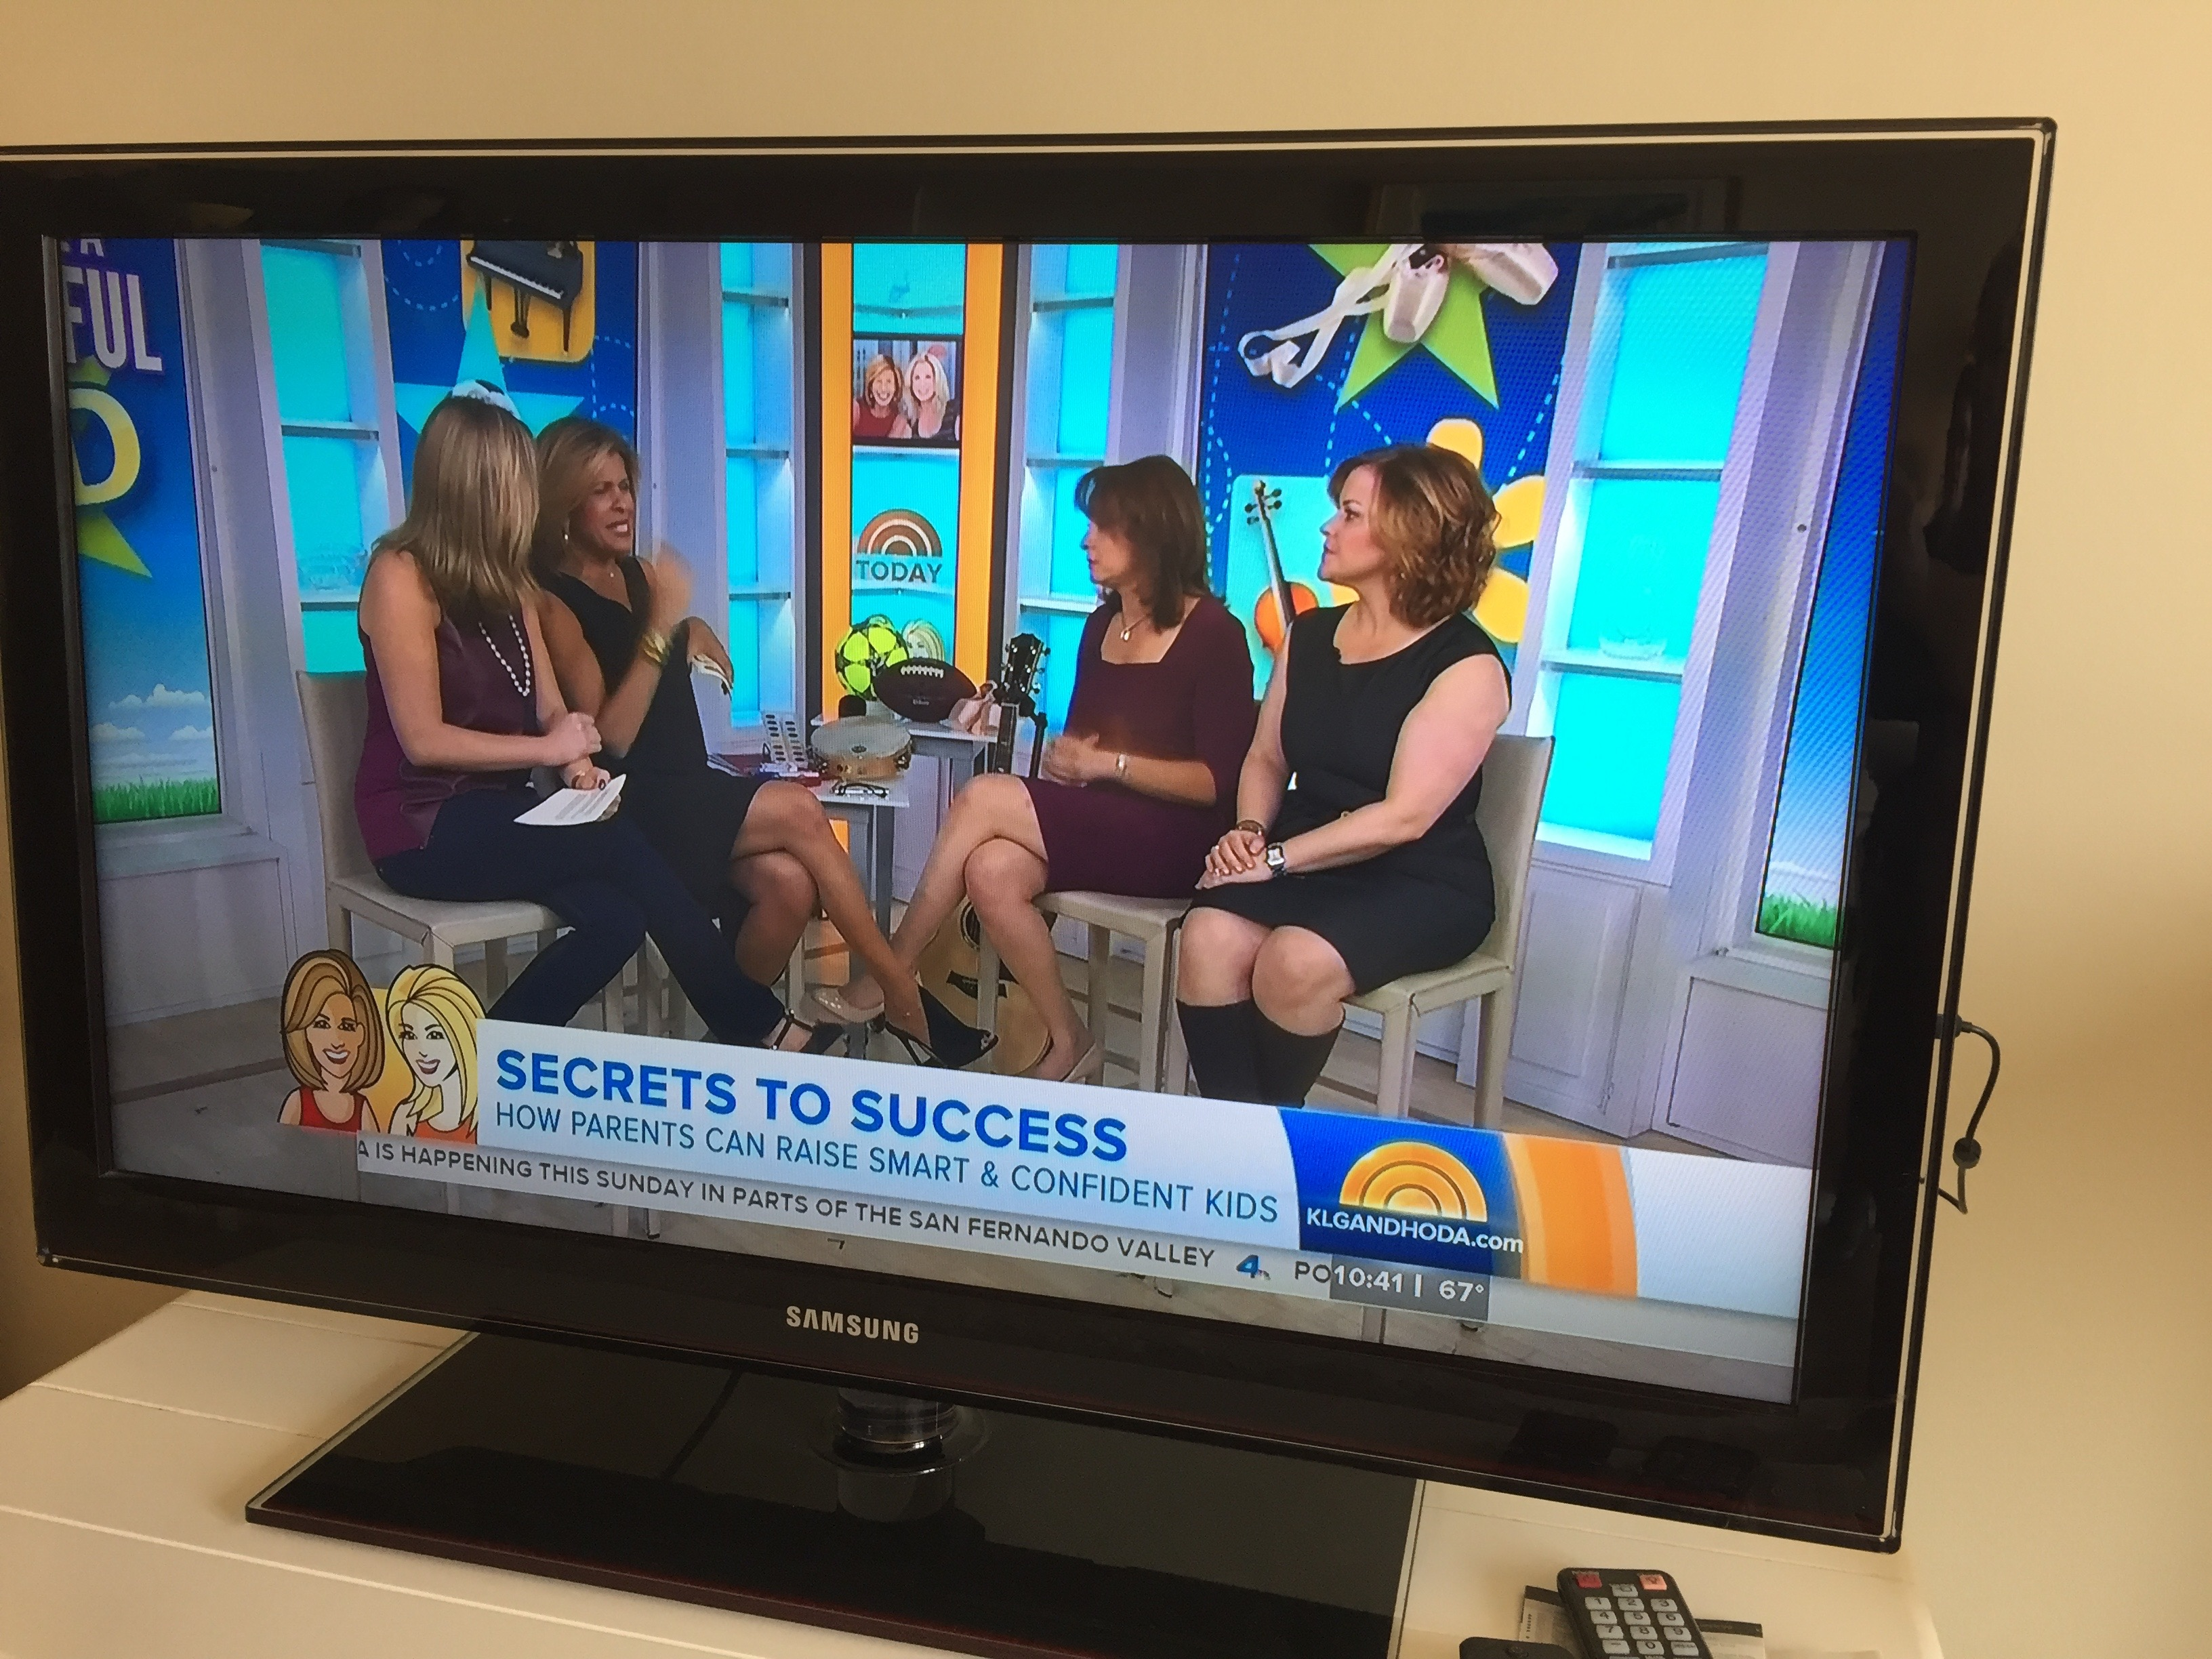 NBC's Secrets to Kids Success